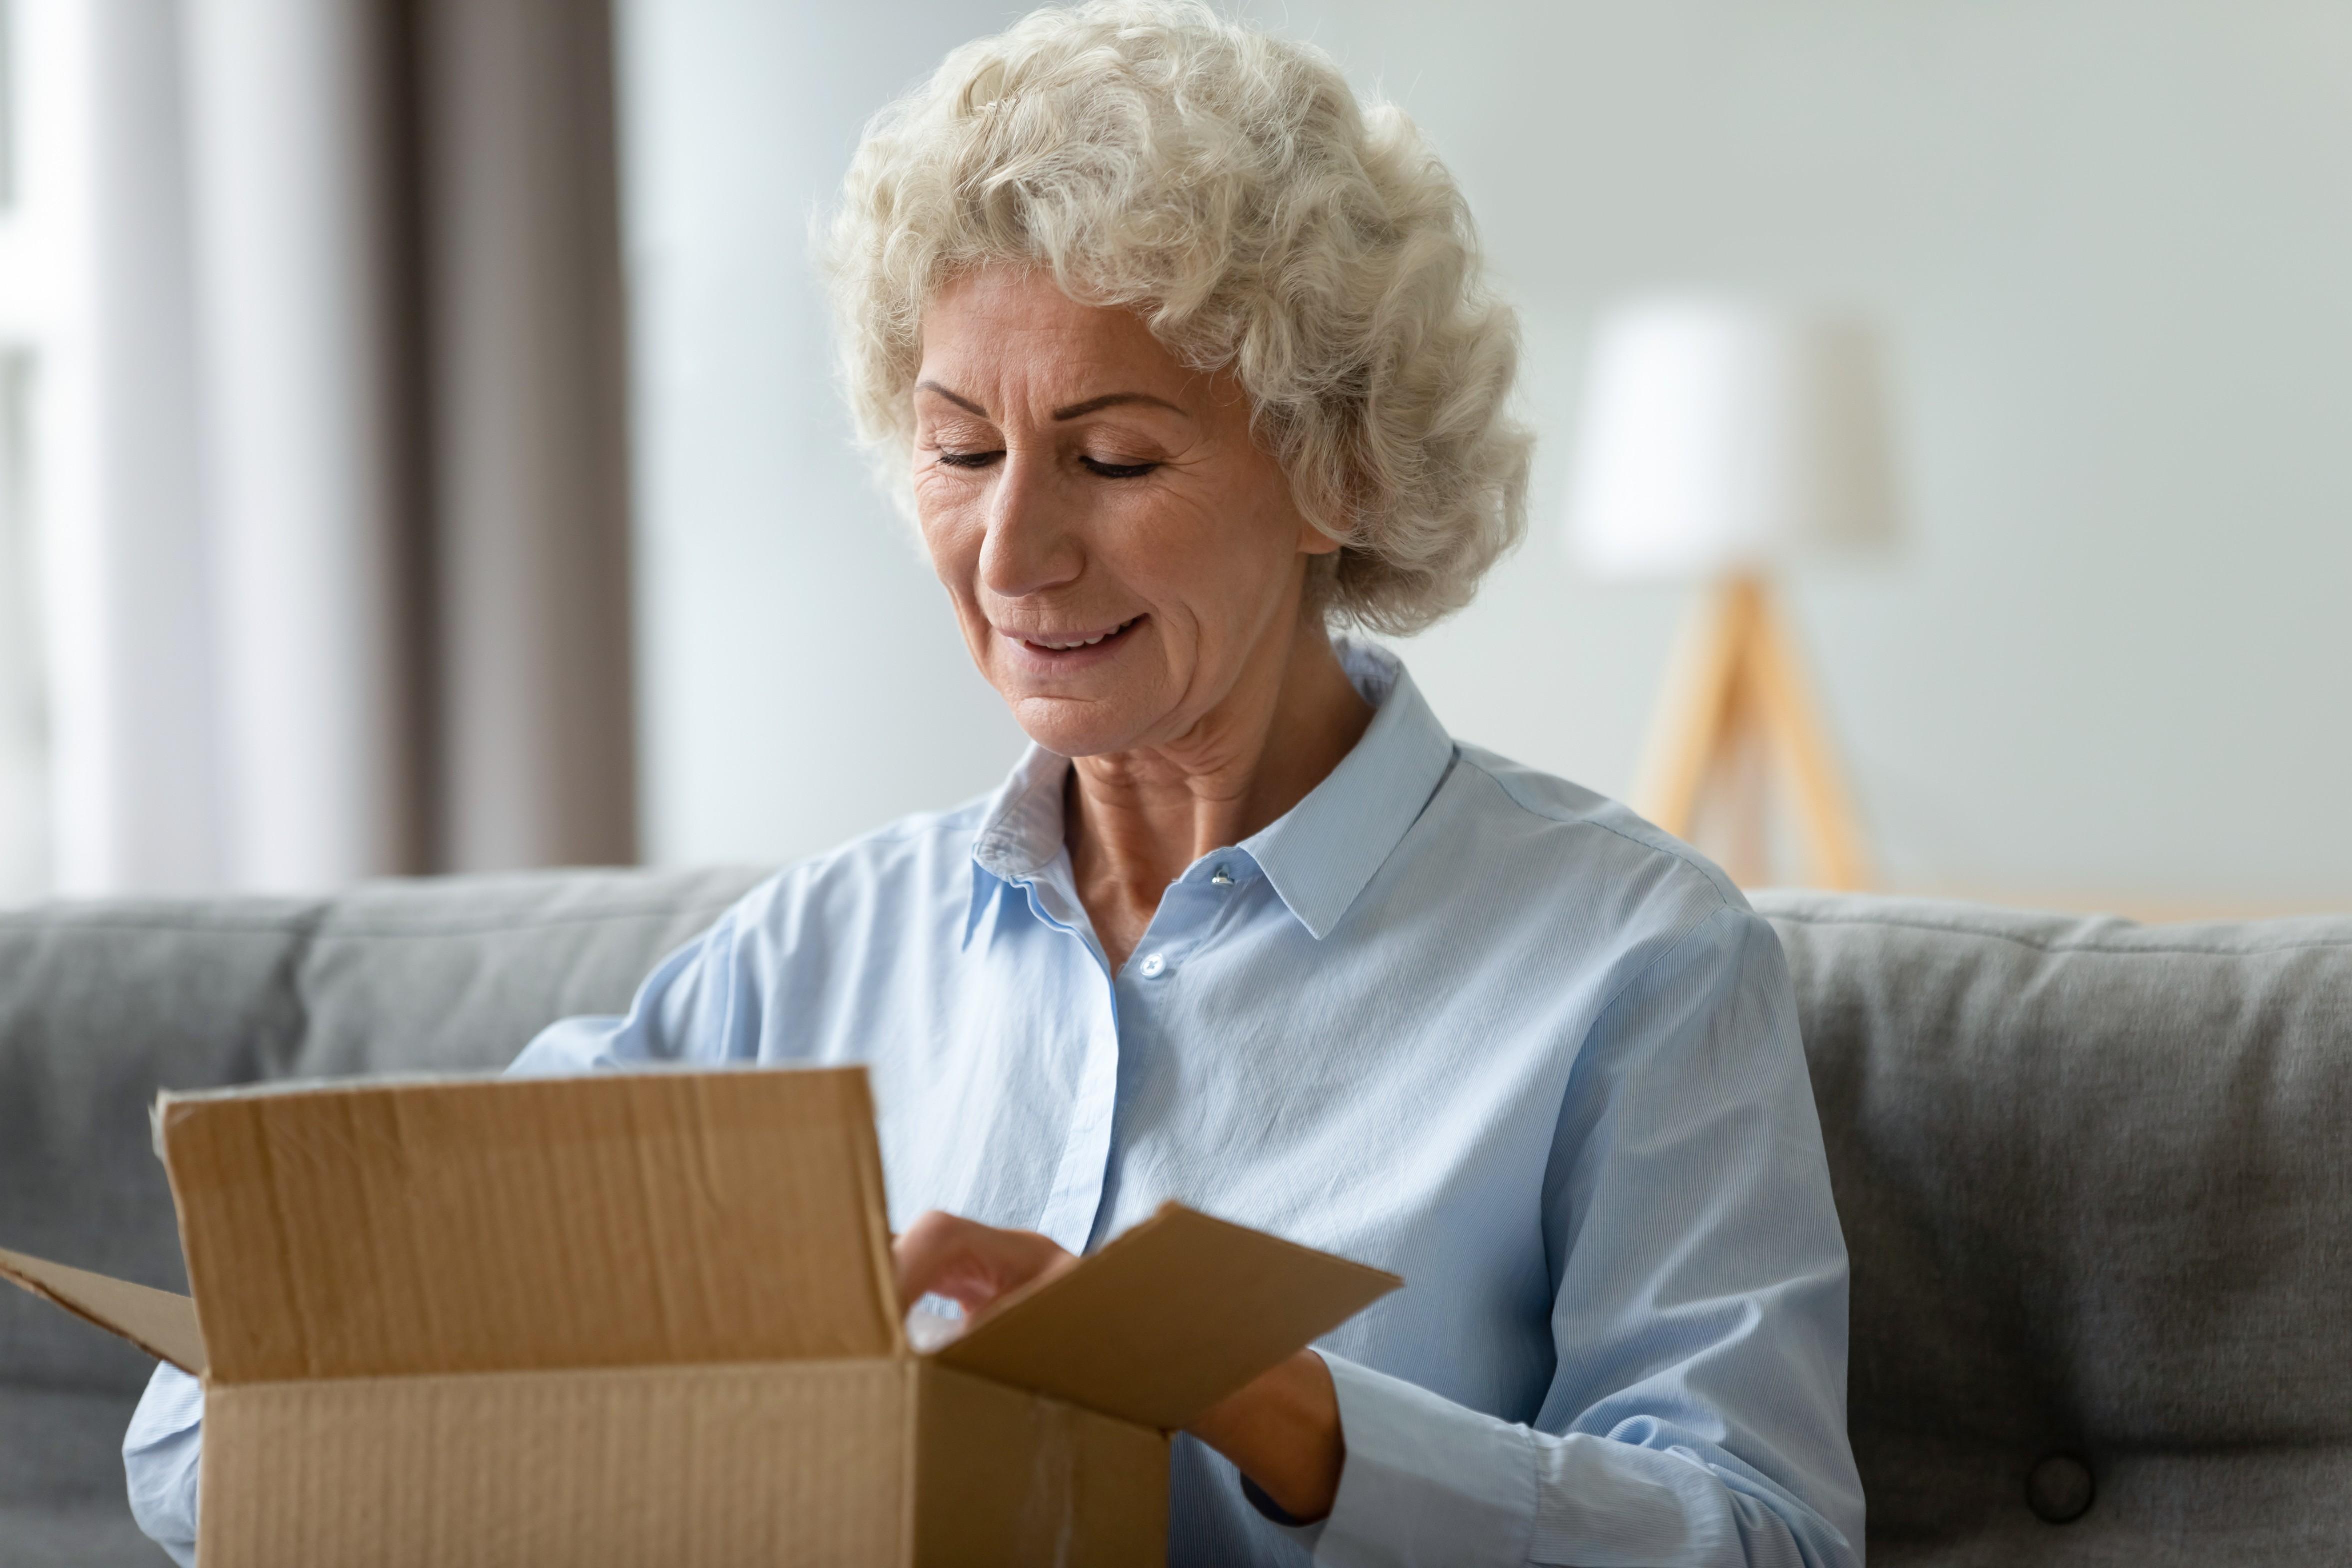 lady-opening-medication-box